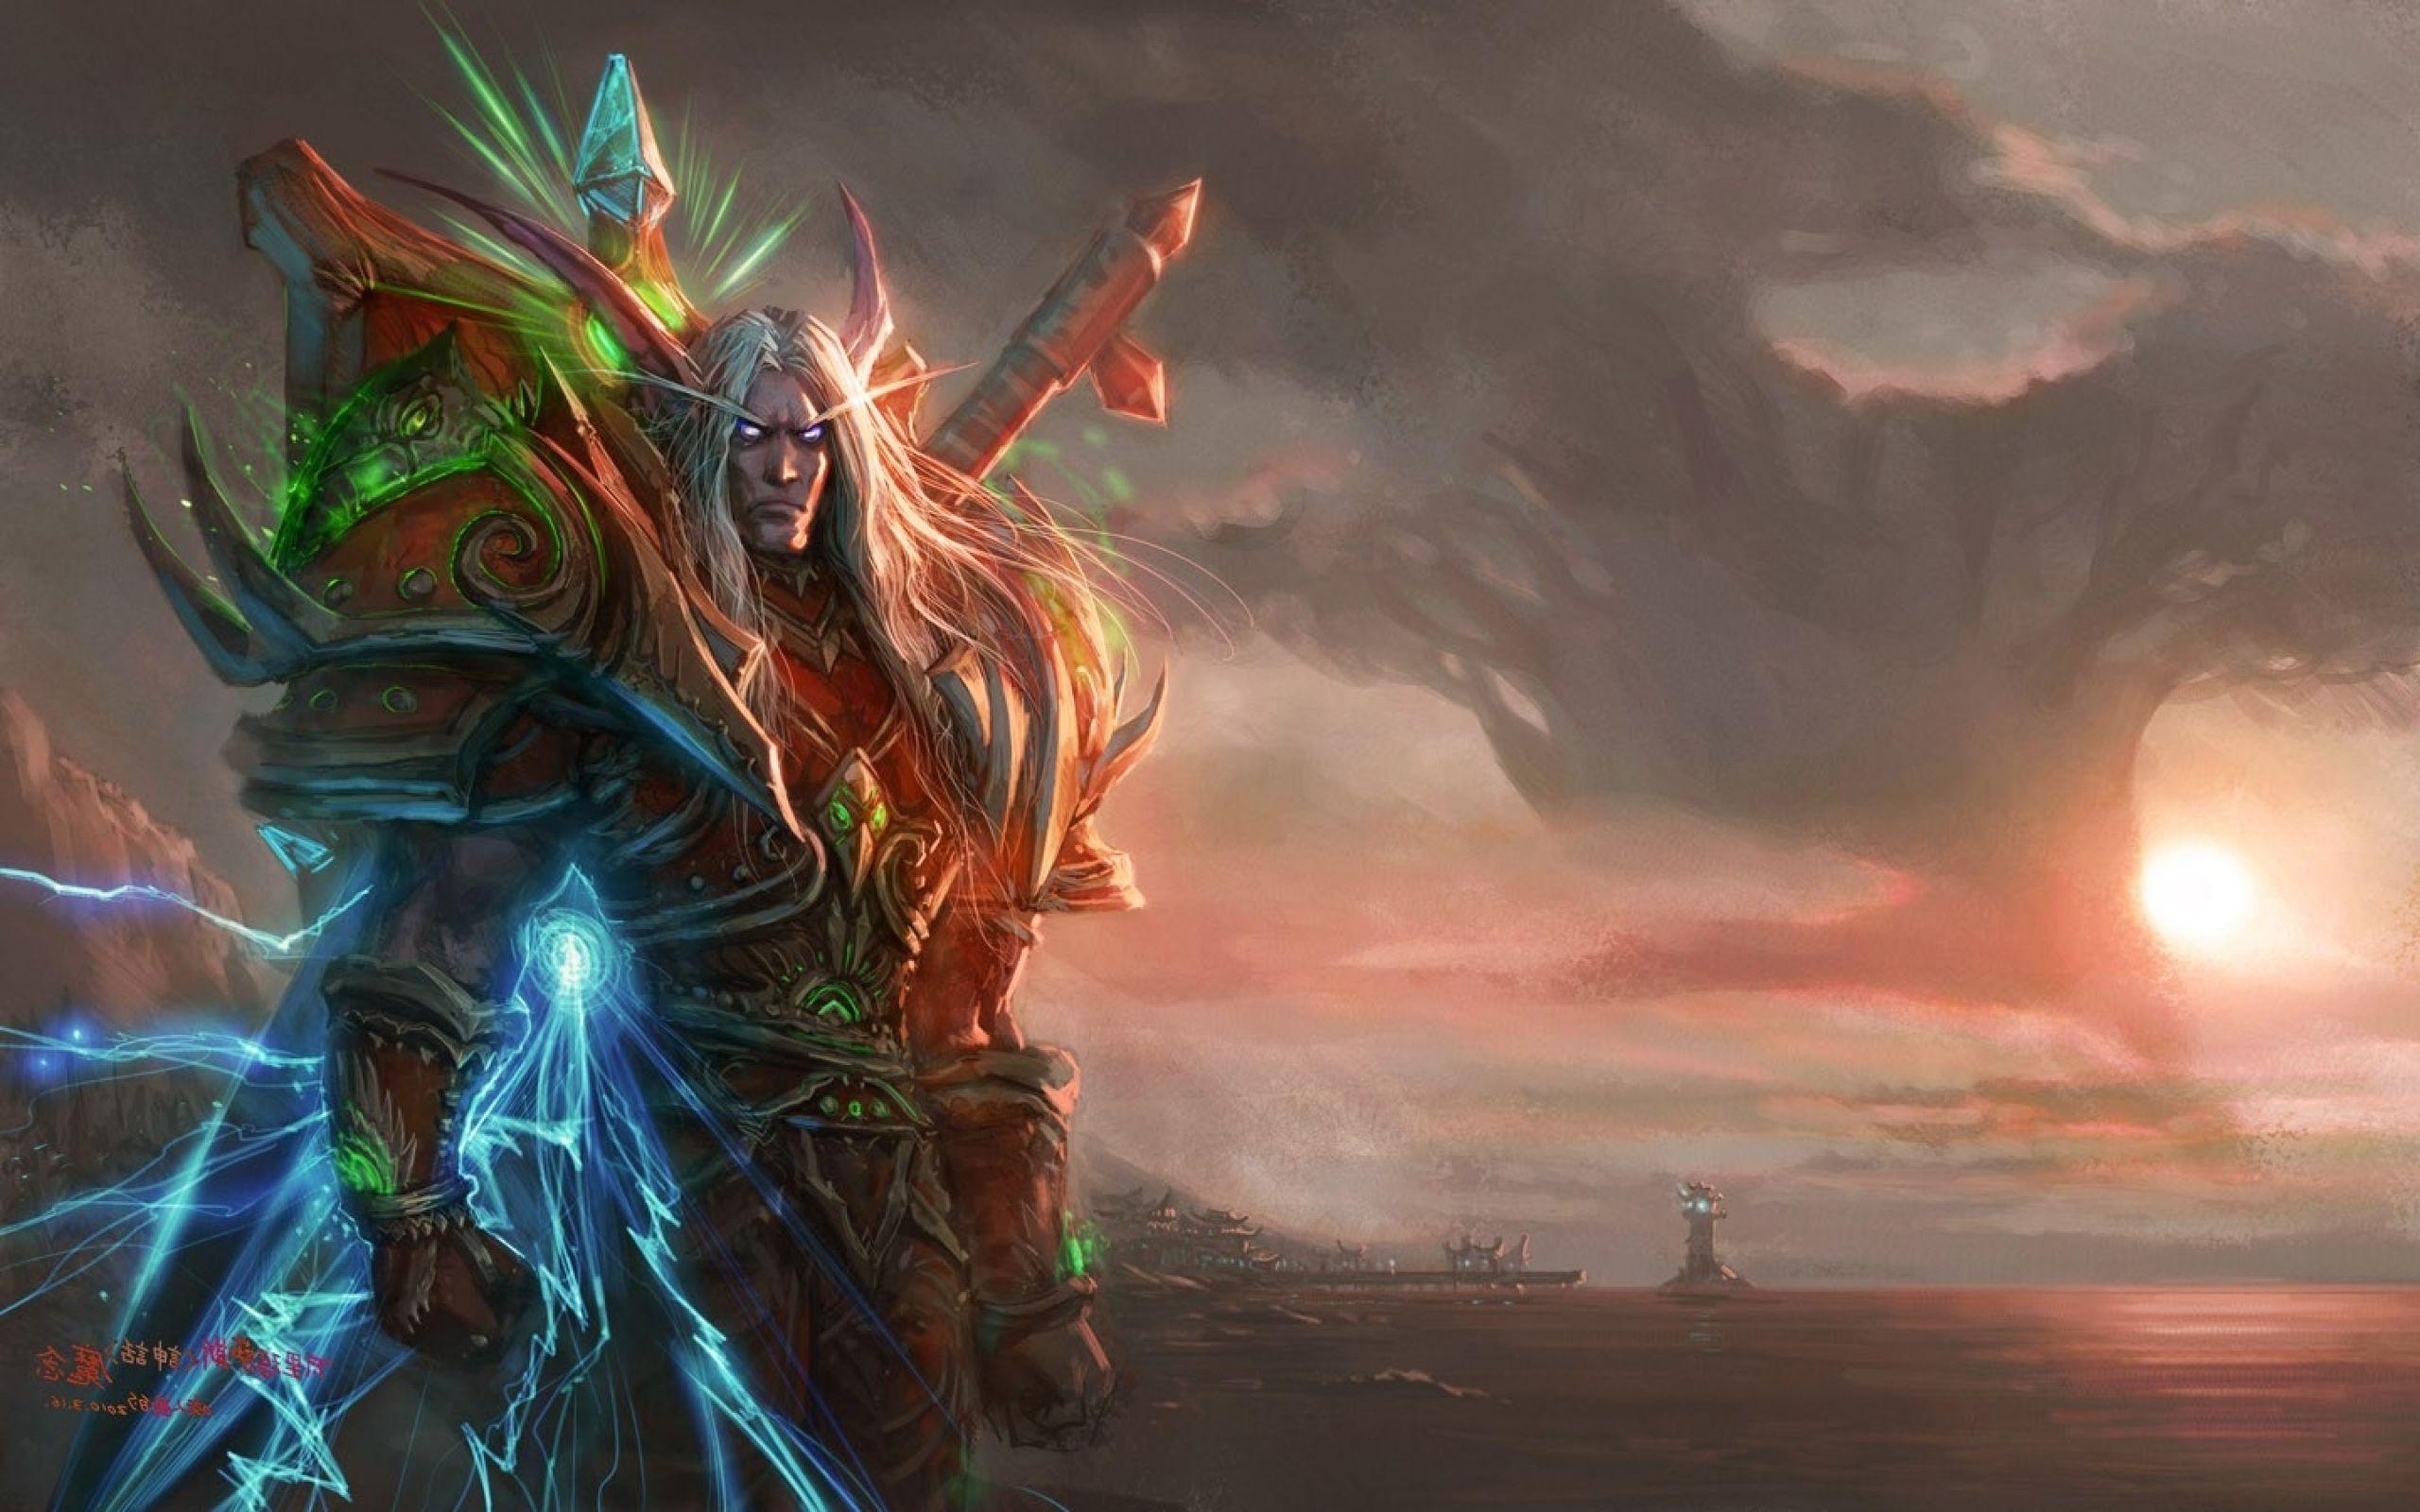 Pin On Sci Fy Fantasy Art